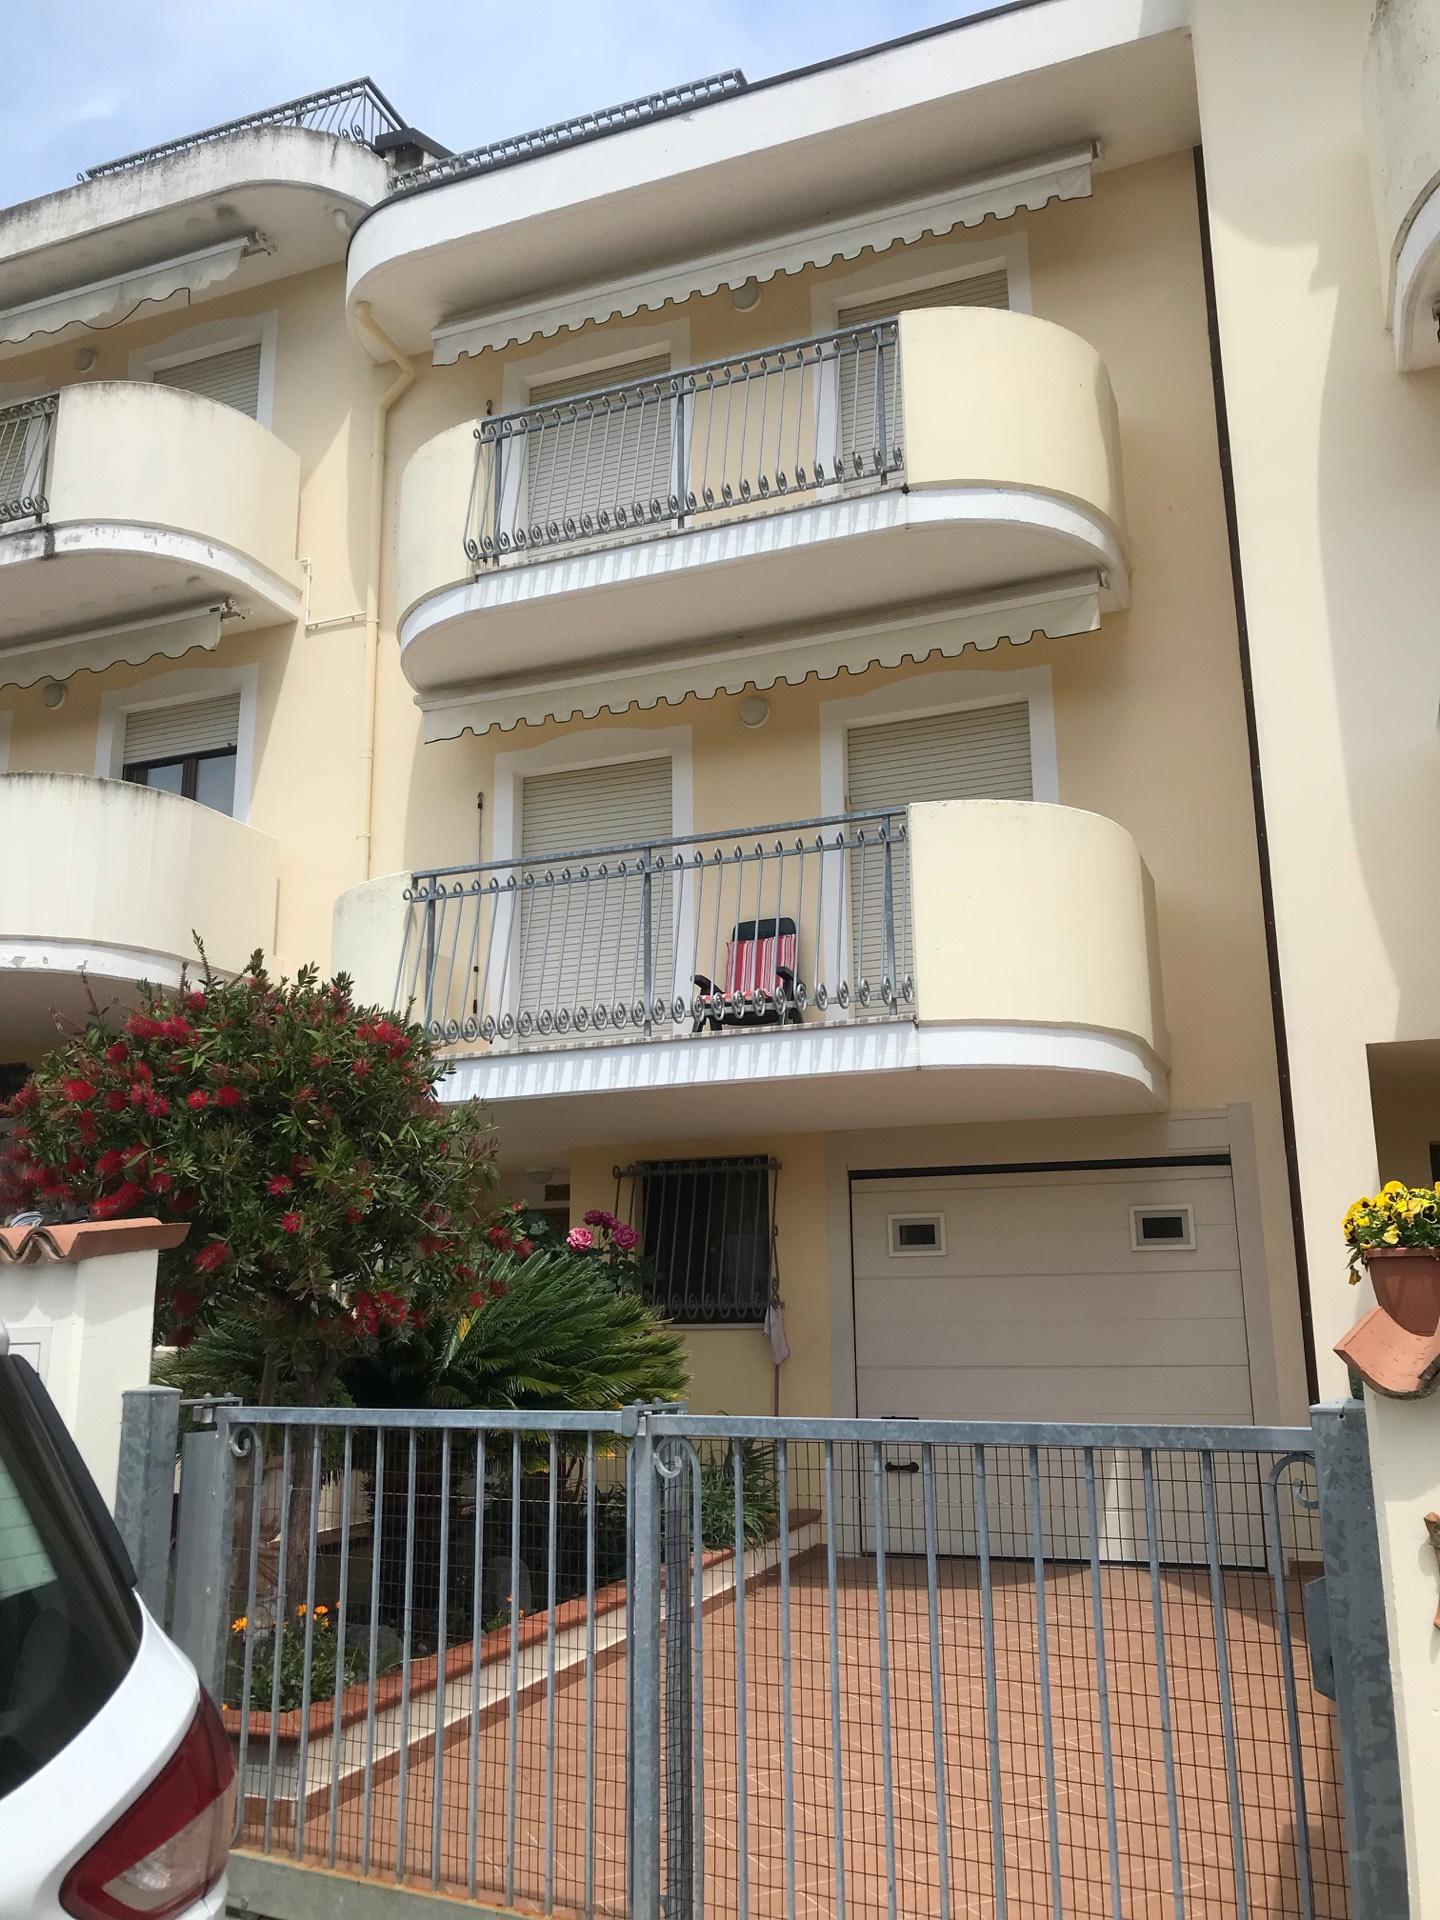 Villa a Schiera in vendita a Roseto degli Abruzzi, 9 locali, prezzo € 250.000 | CambioCasa.it